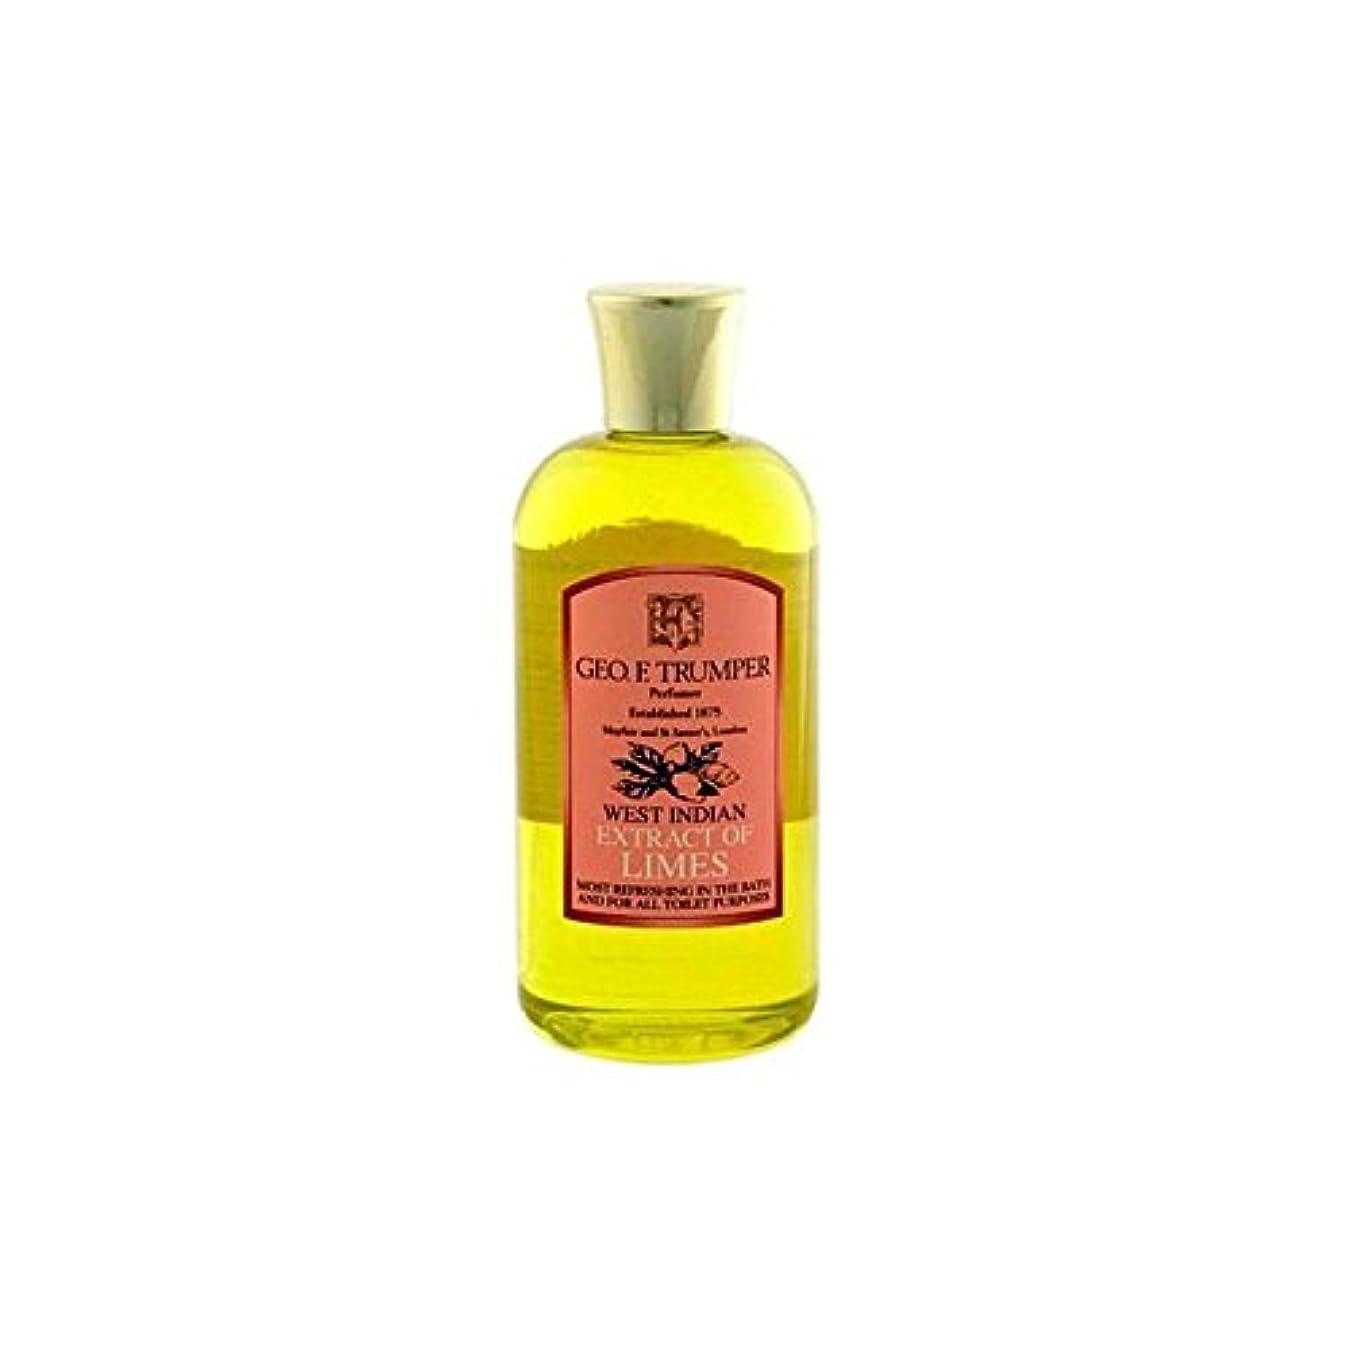 神聖航空便出席するTrumpers Extracts of Limes Bath and Shower Gel 200ml - ライムのバスタブとシャワージェル200の抽出物を [並行輸入品]